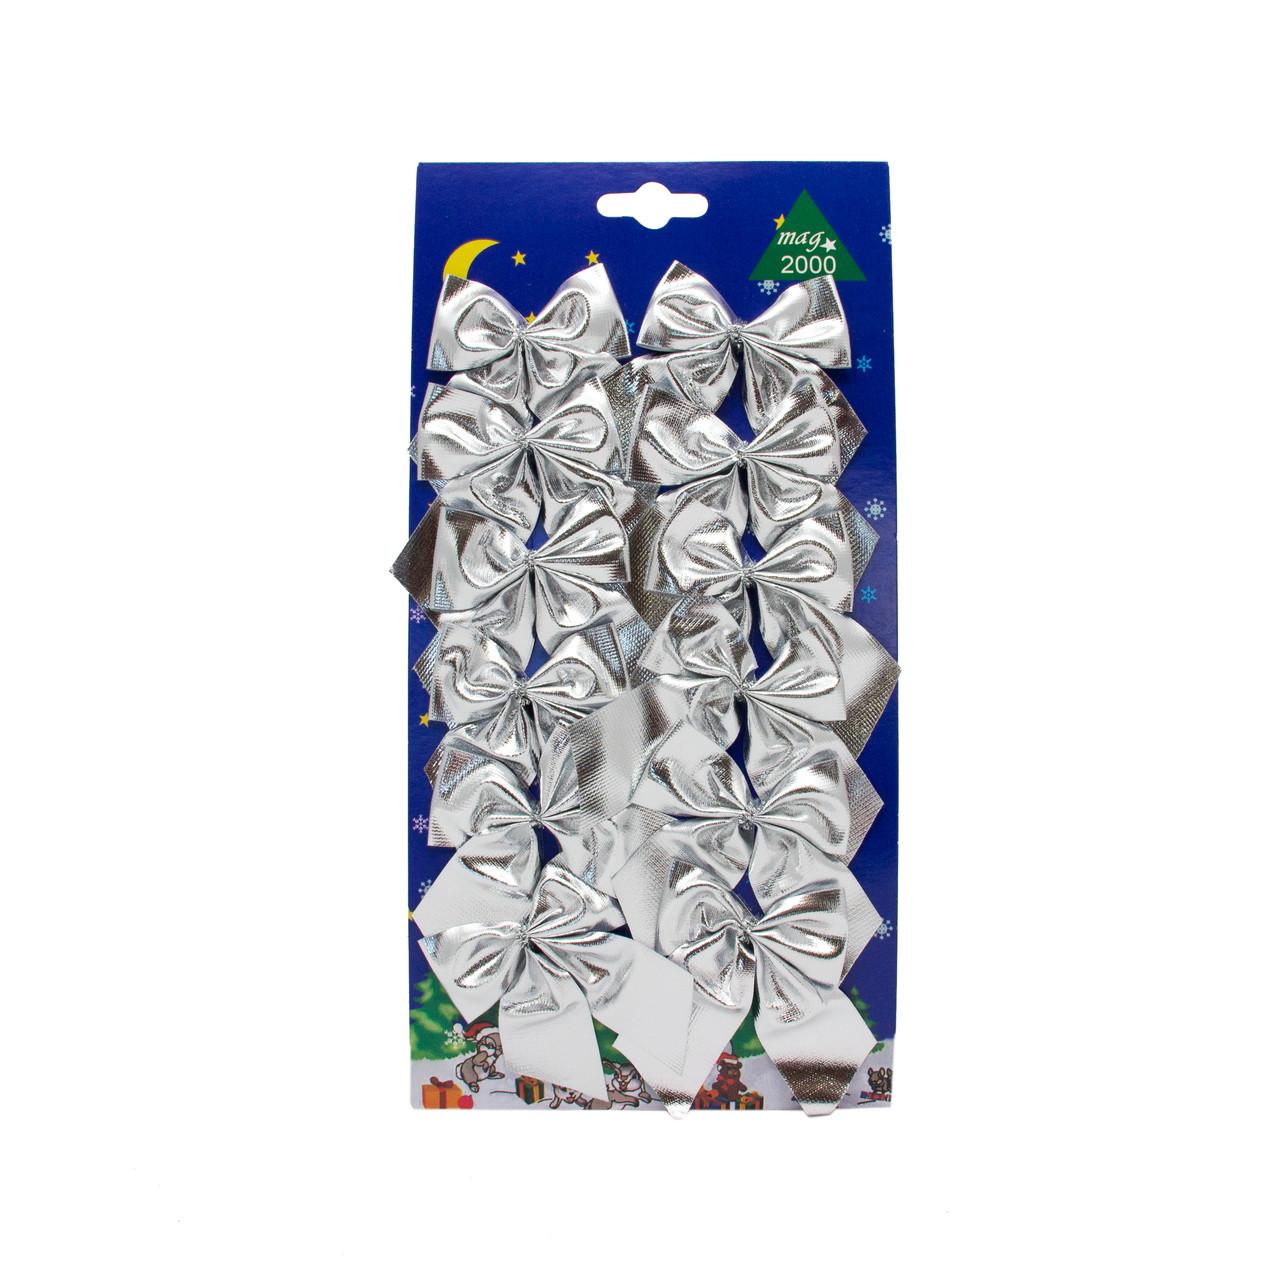 Набор елочных украшений - бантики, 12 шт, 6*5 см, серебристый, текстиль (471102-1)